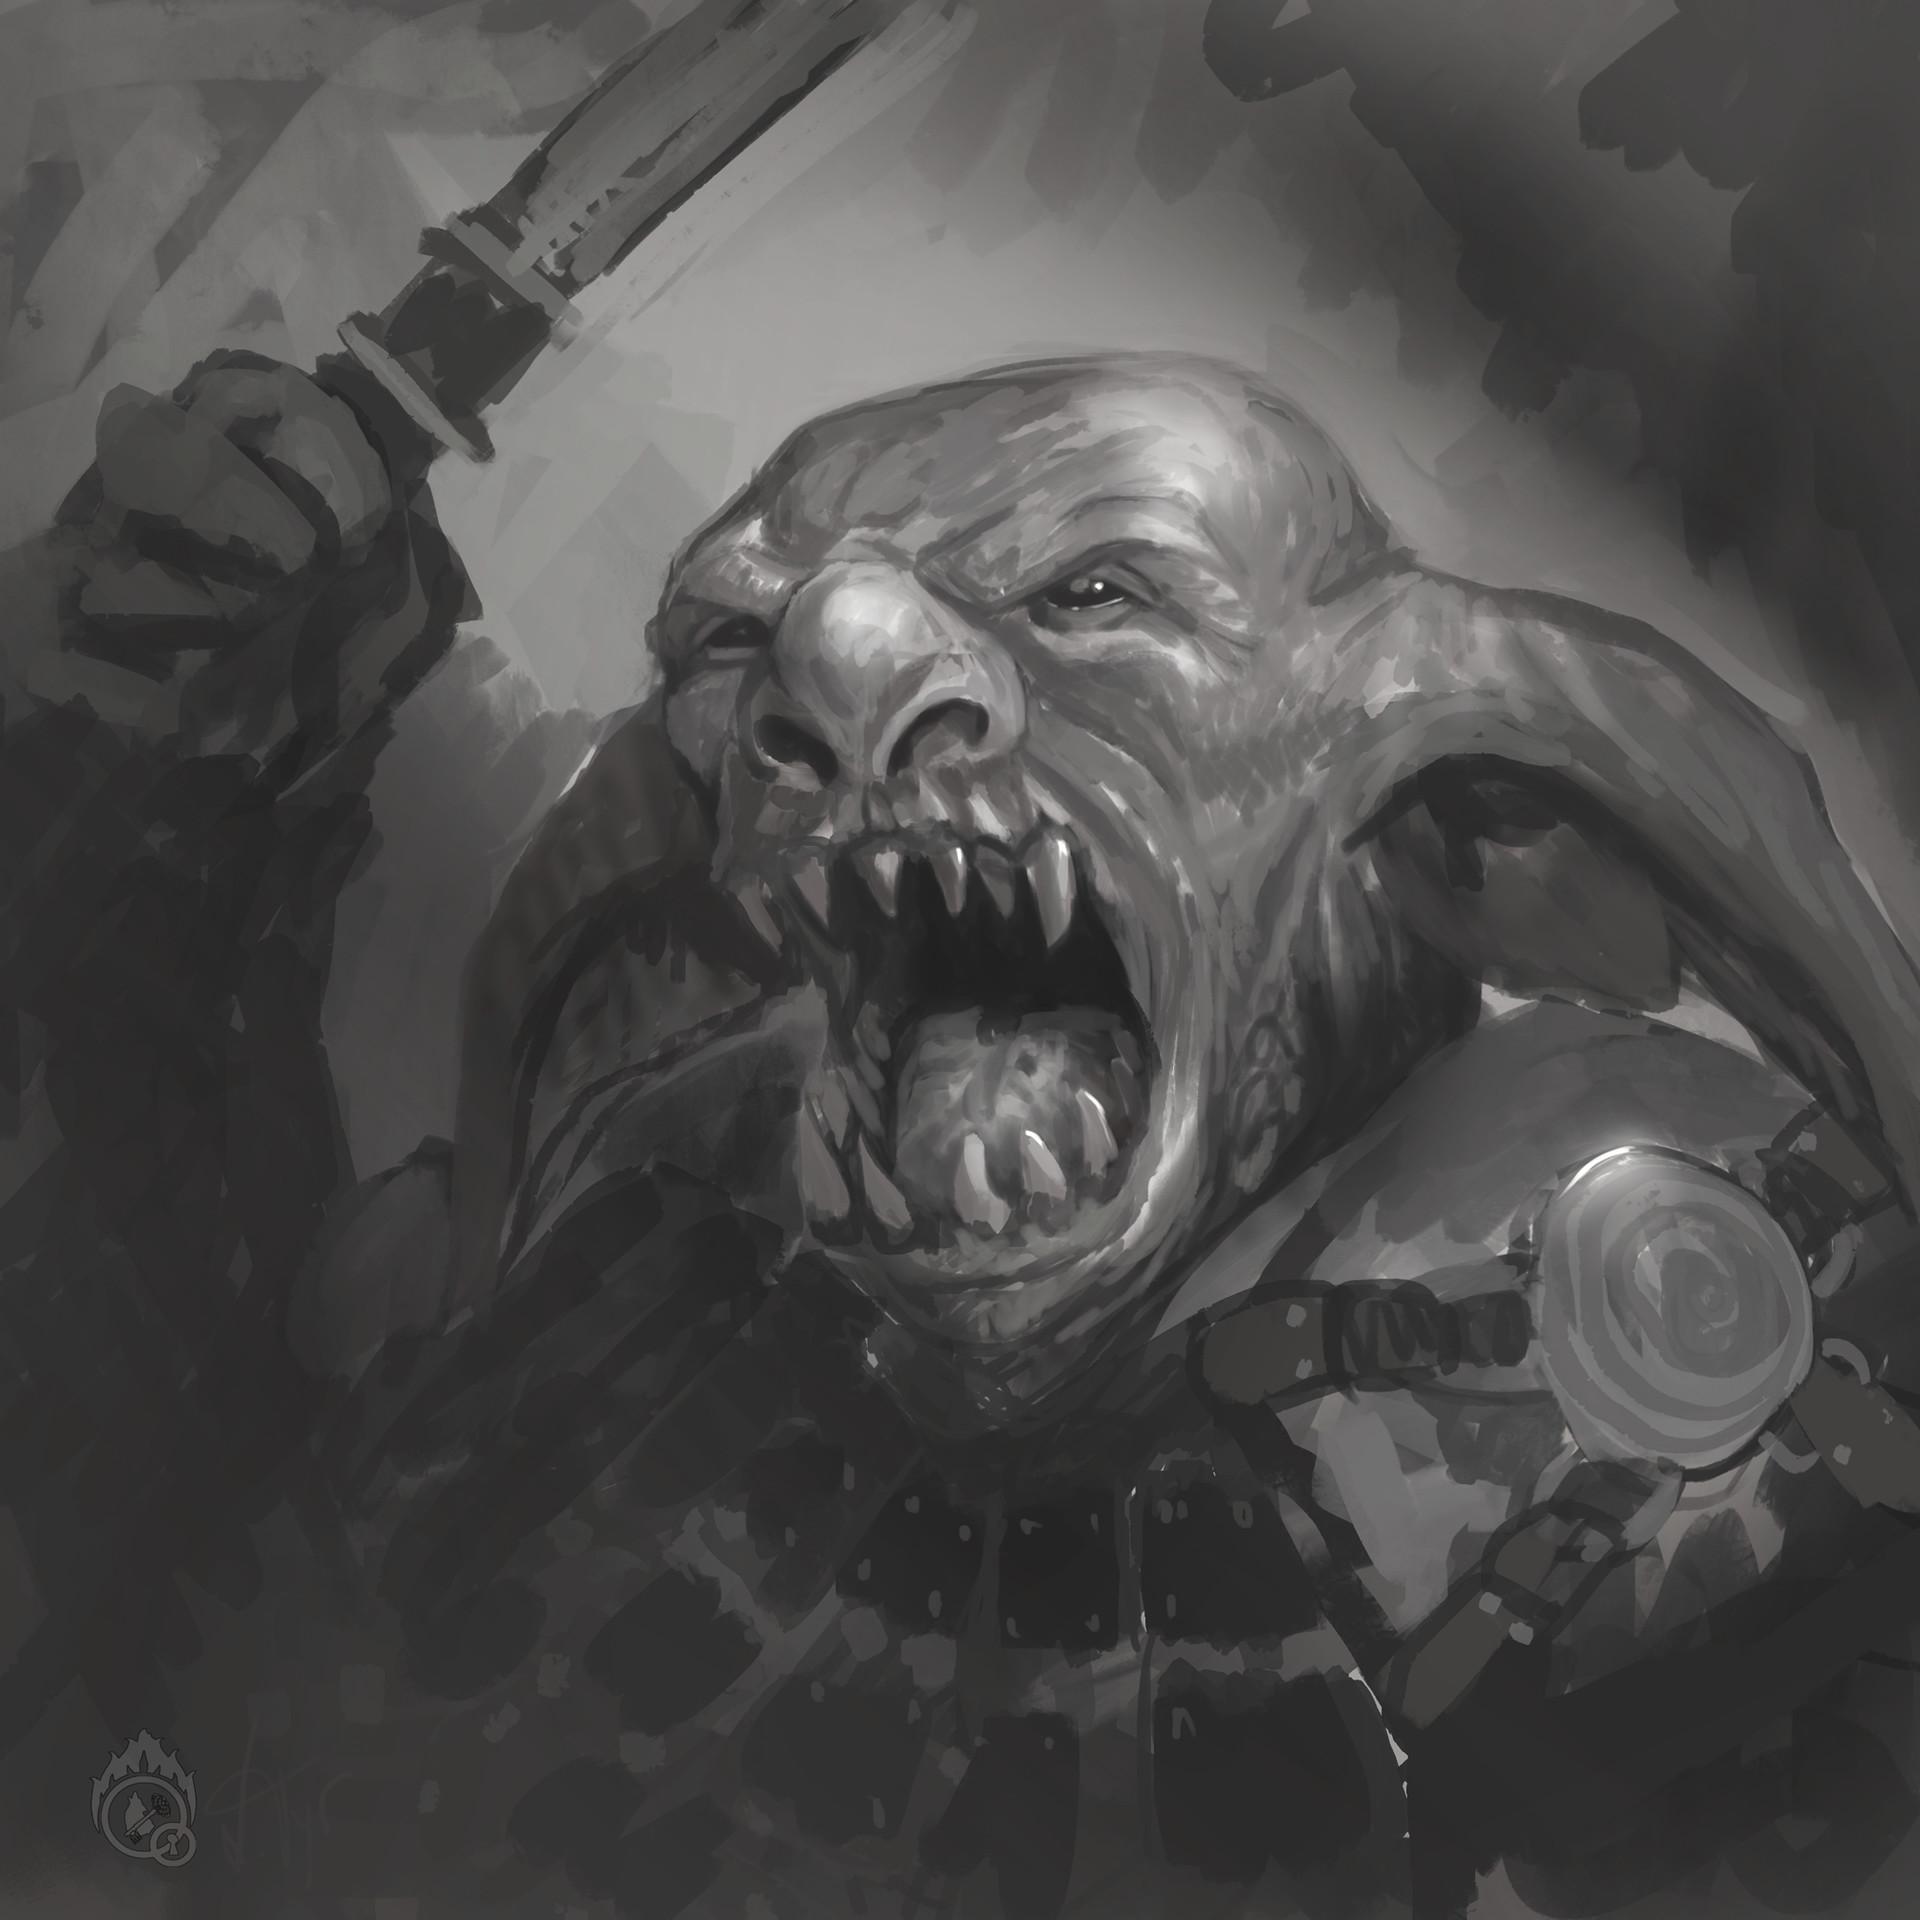 Lorenn tyr goblin sketch